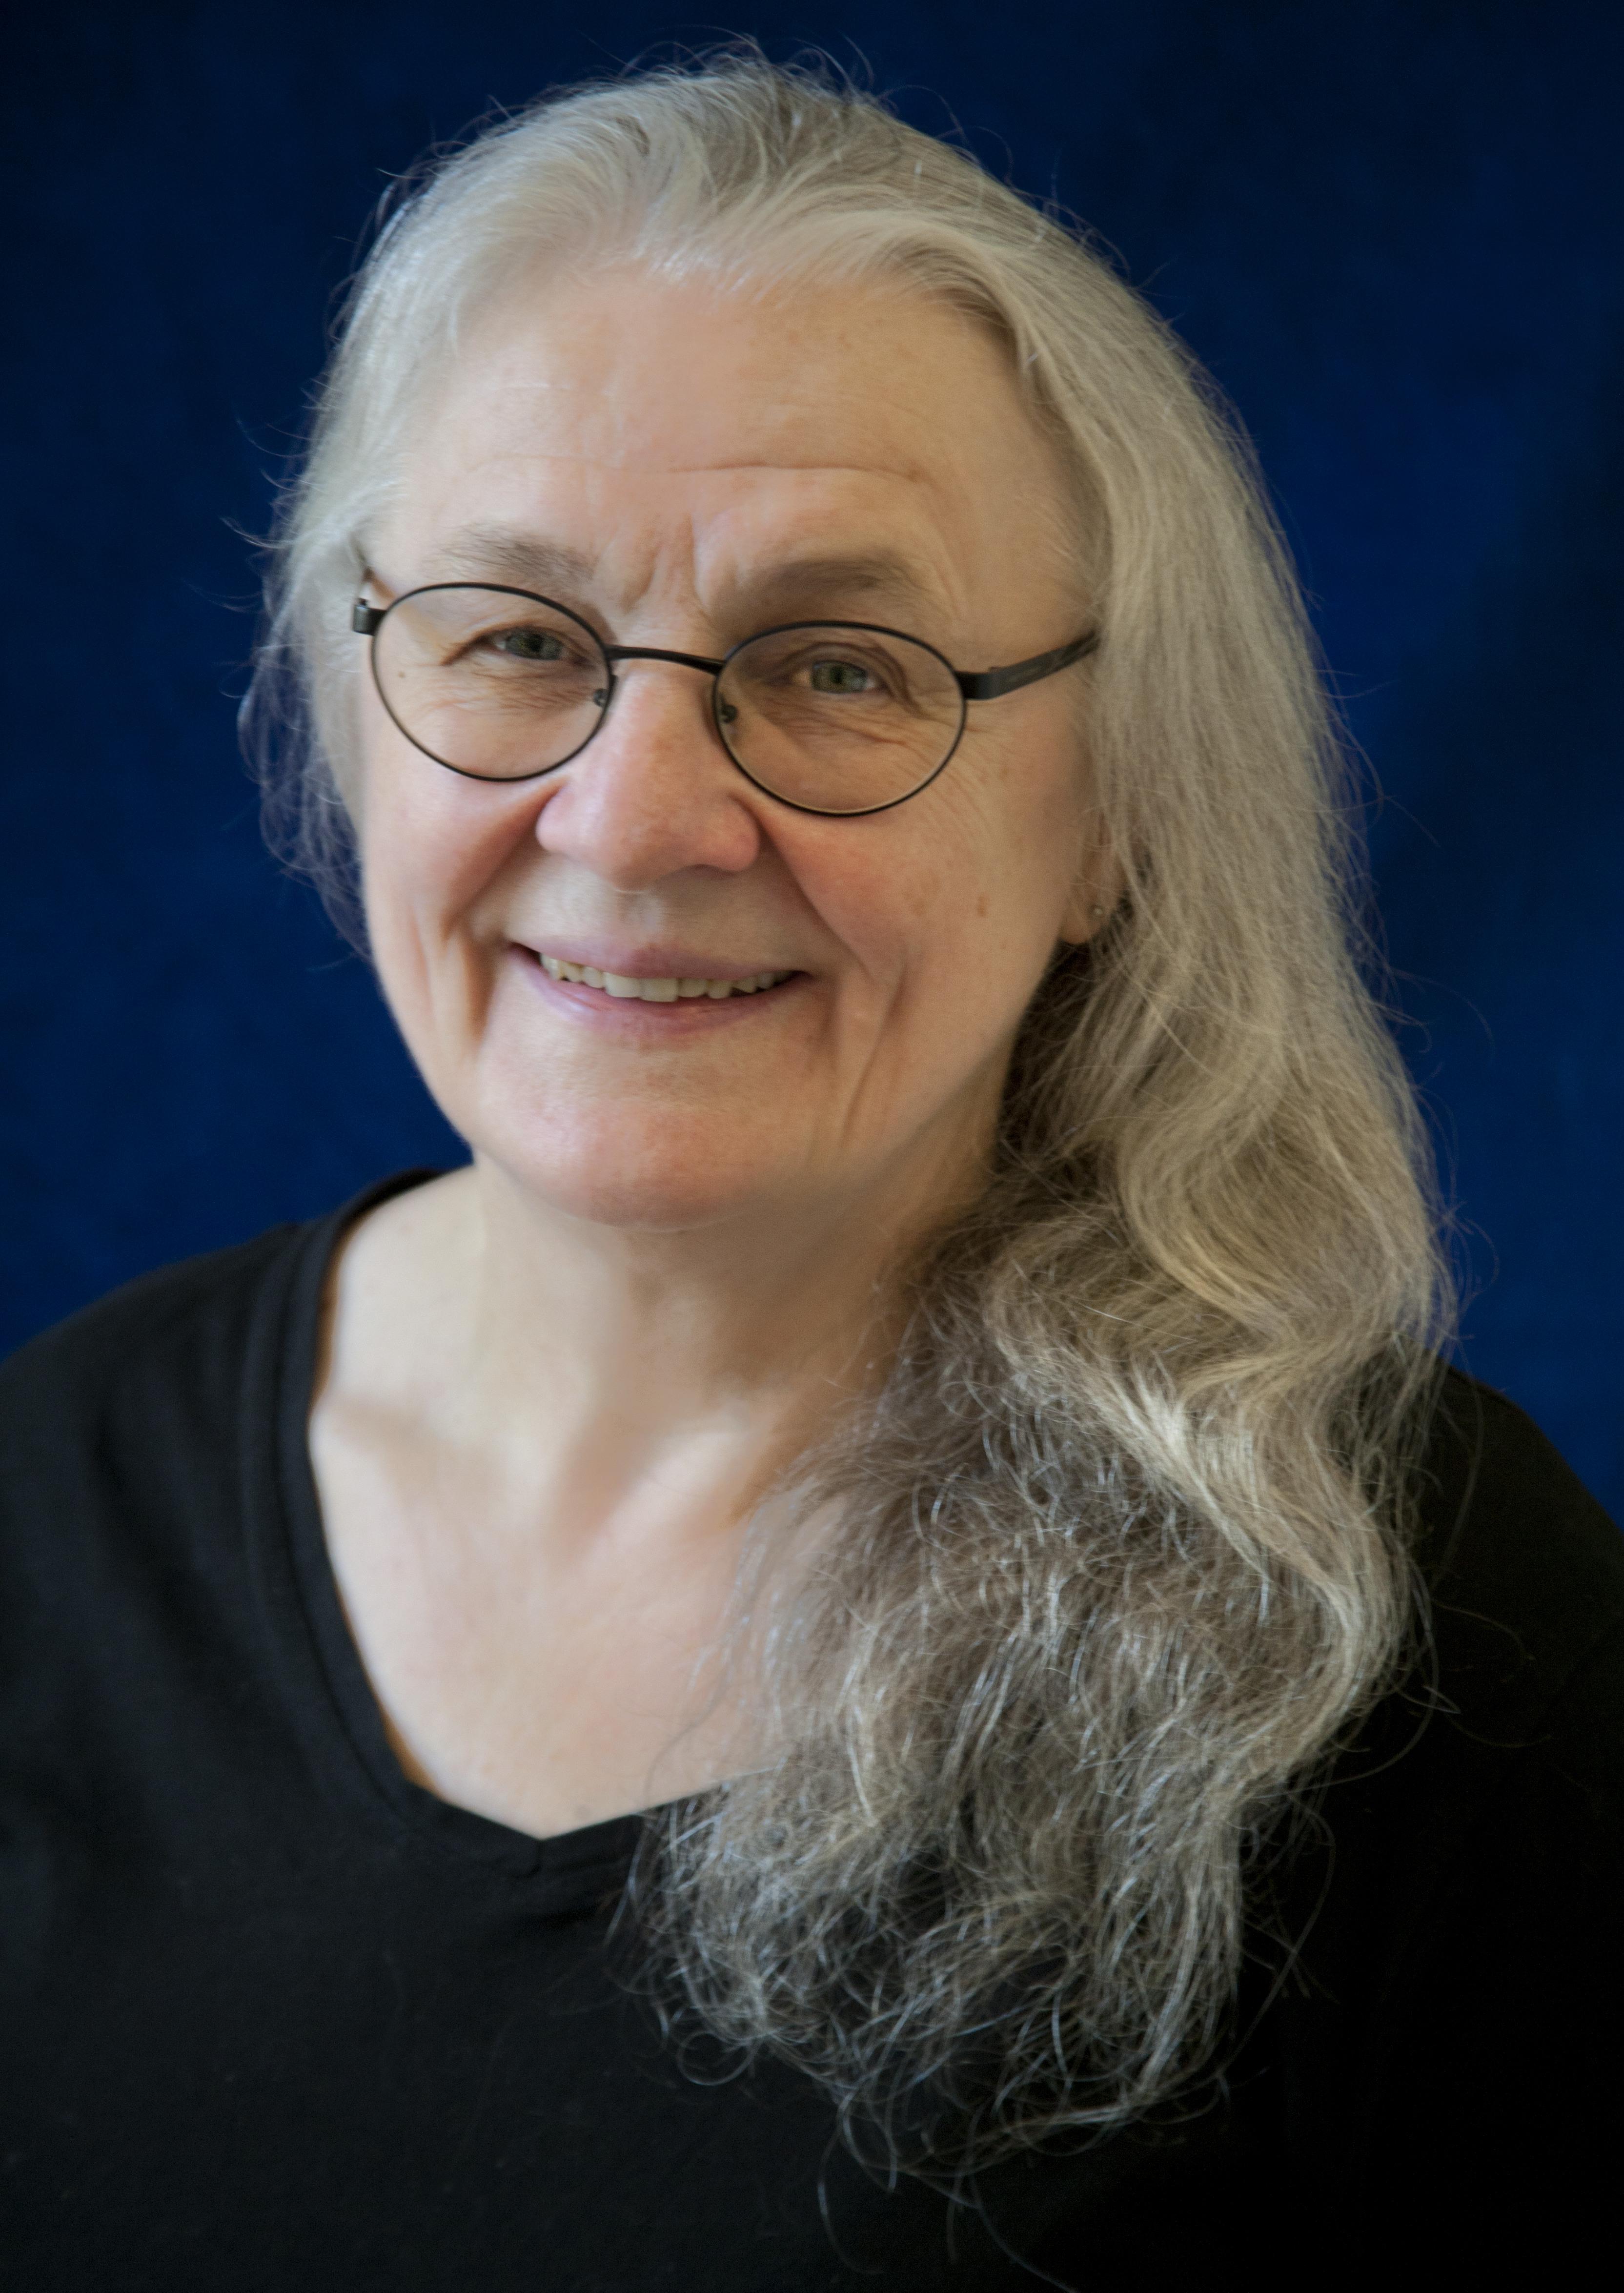 Ann Christine Nude Photos 21